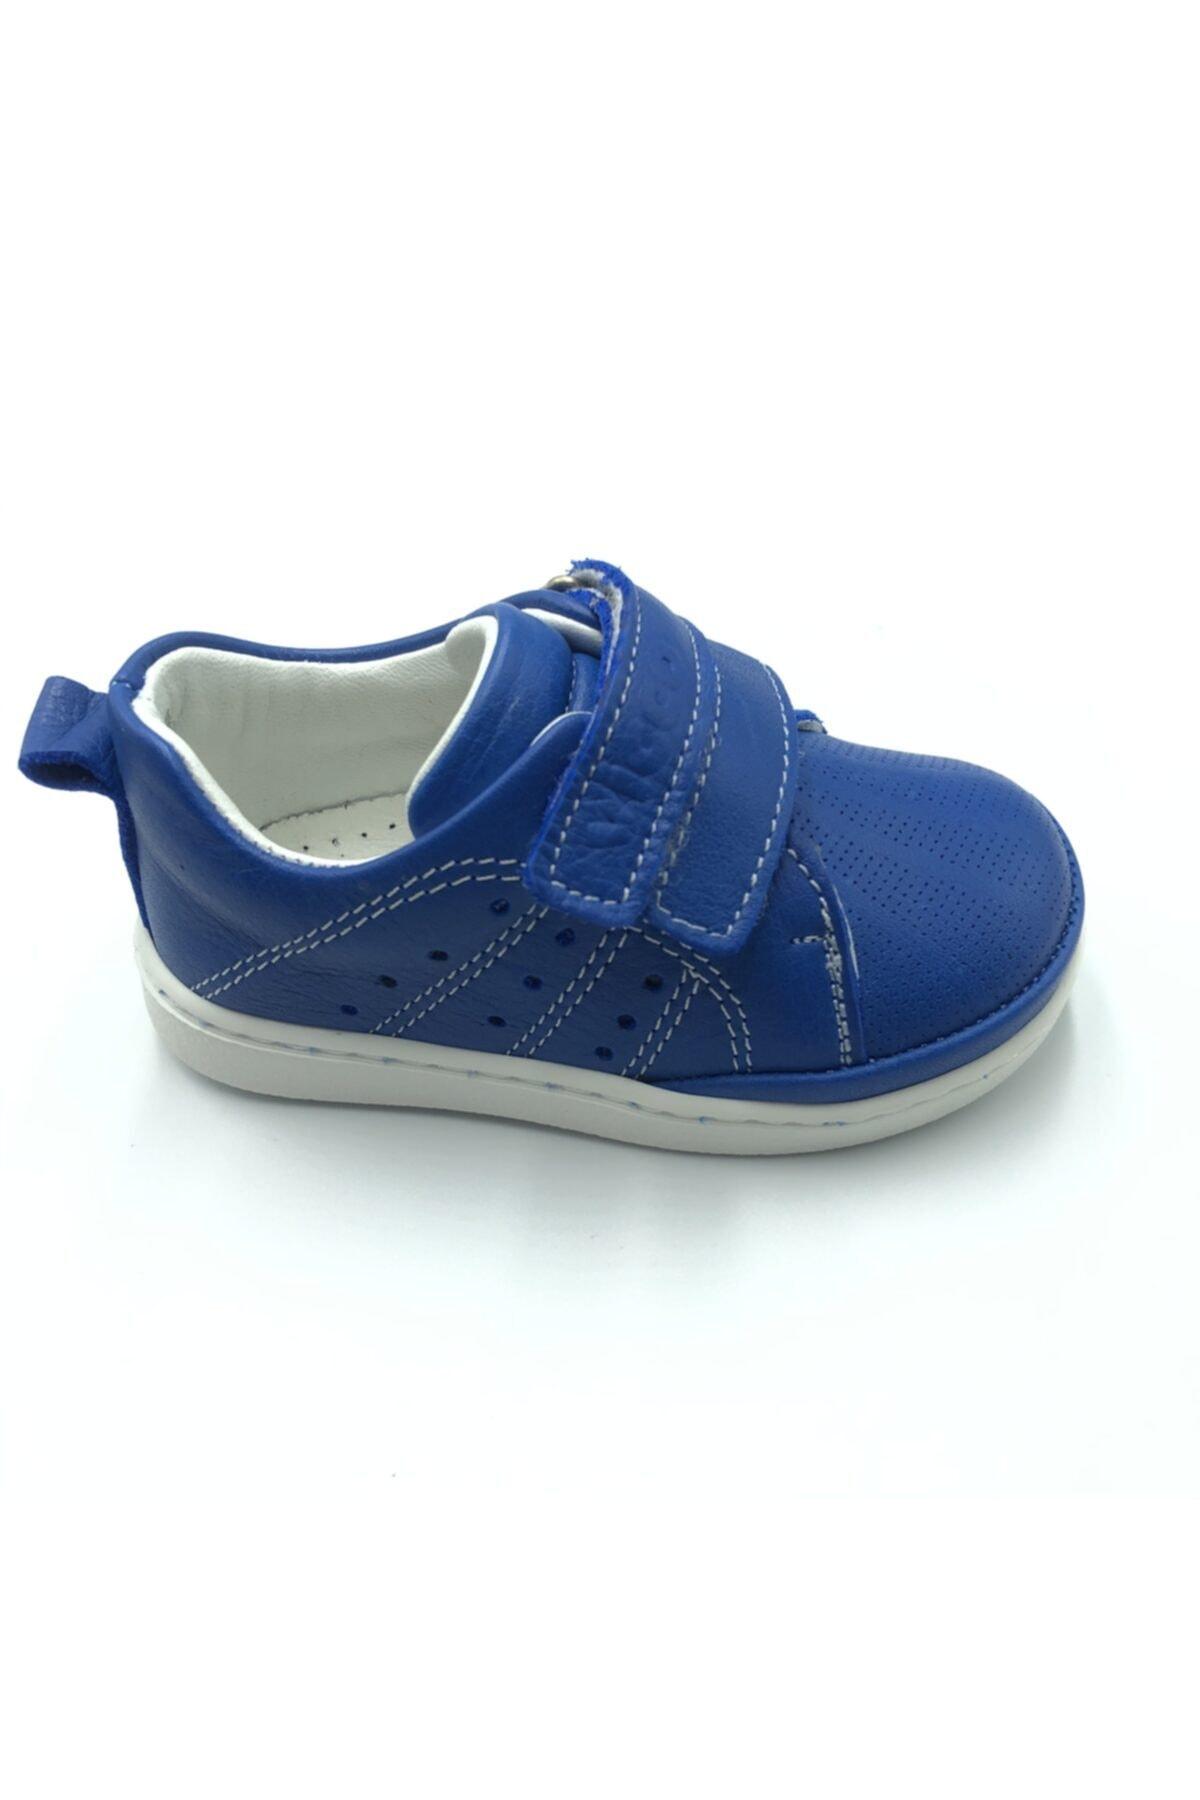 Vicco Unisex Ilk Adım Saks Mavi Deri Ayakkabı 1